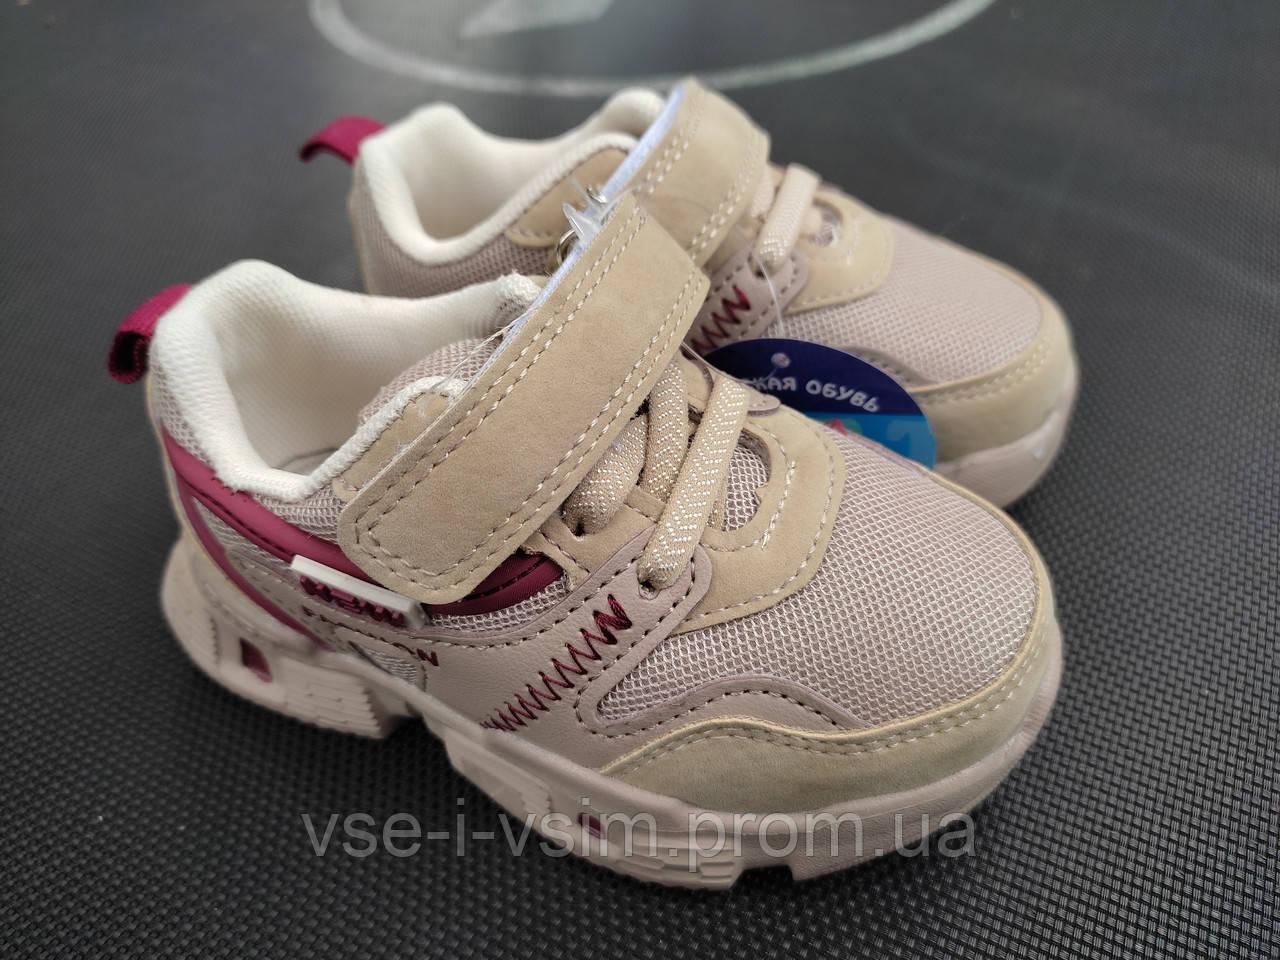 Кросівки для хлопчика 23 р устілка 14,5 см